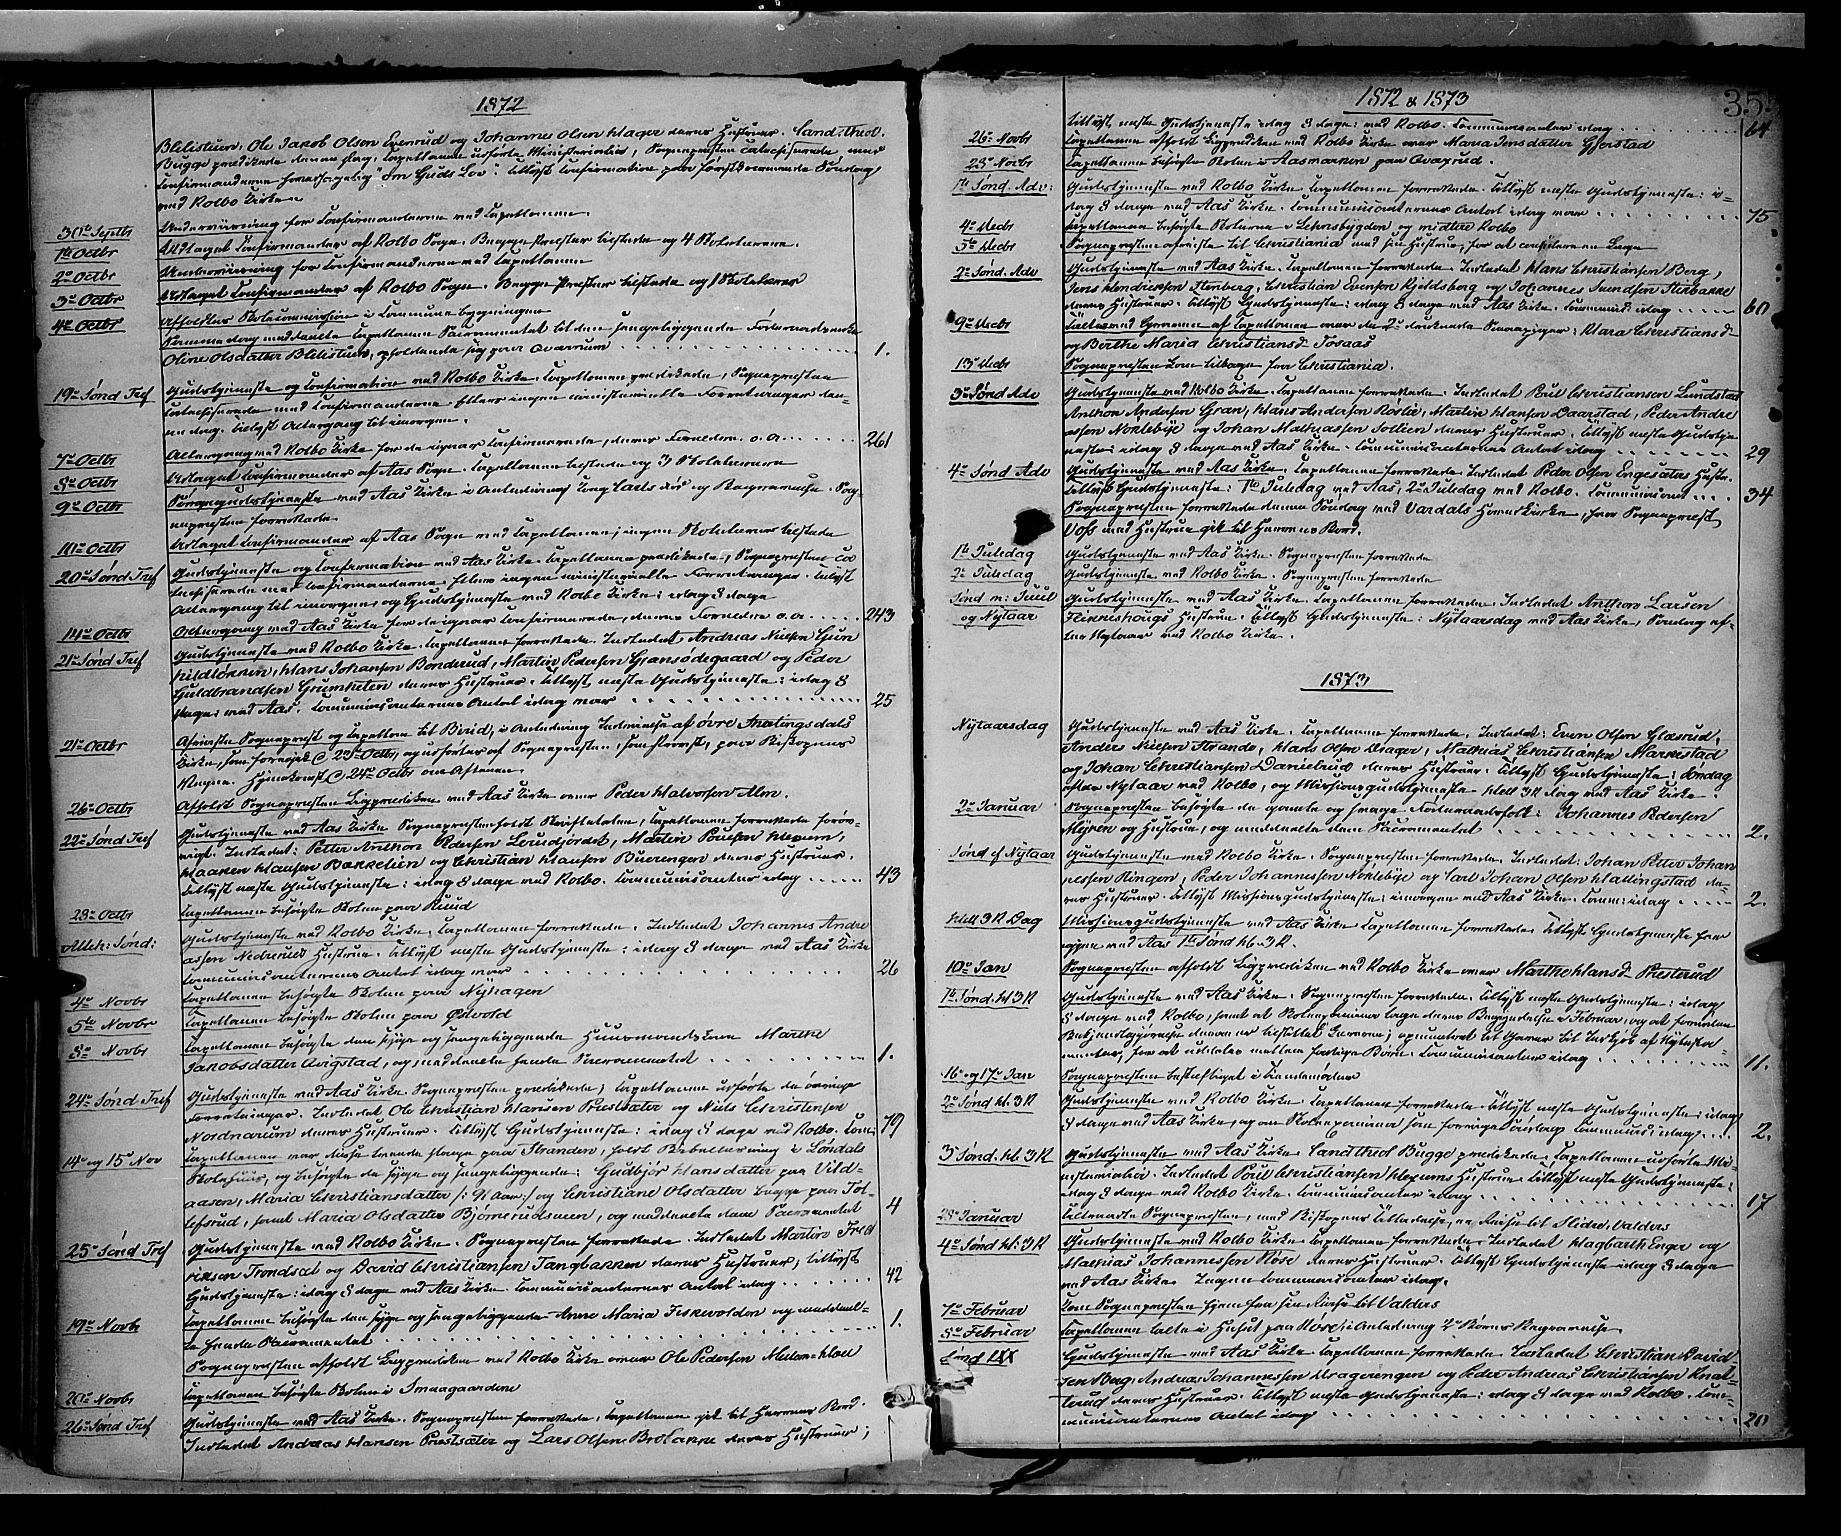 SAH, Vestre Toten prestekontor, Ministerialbok nr. 8, 1870-1877, s. 355